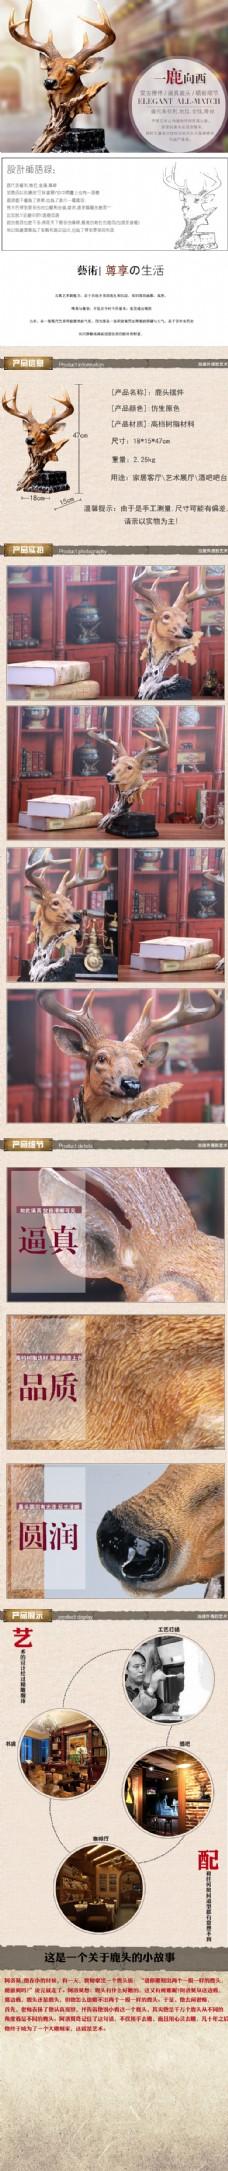 鹿头复古摆件桌面淘宝详情